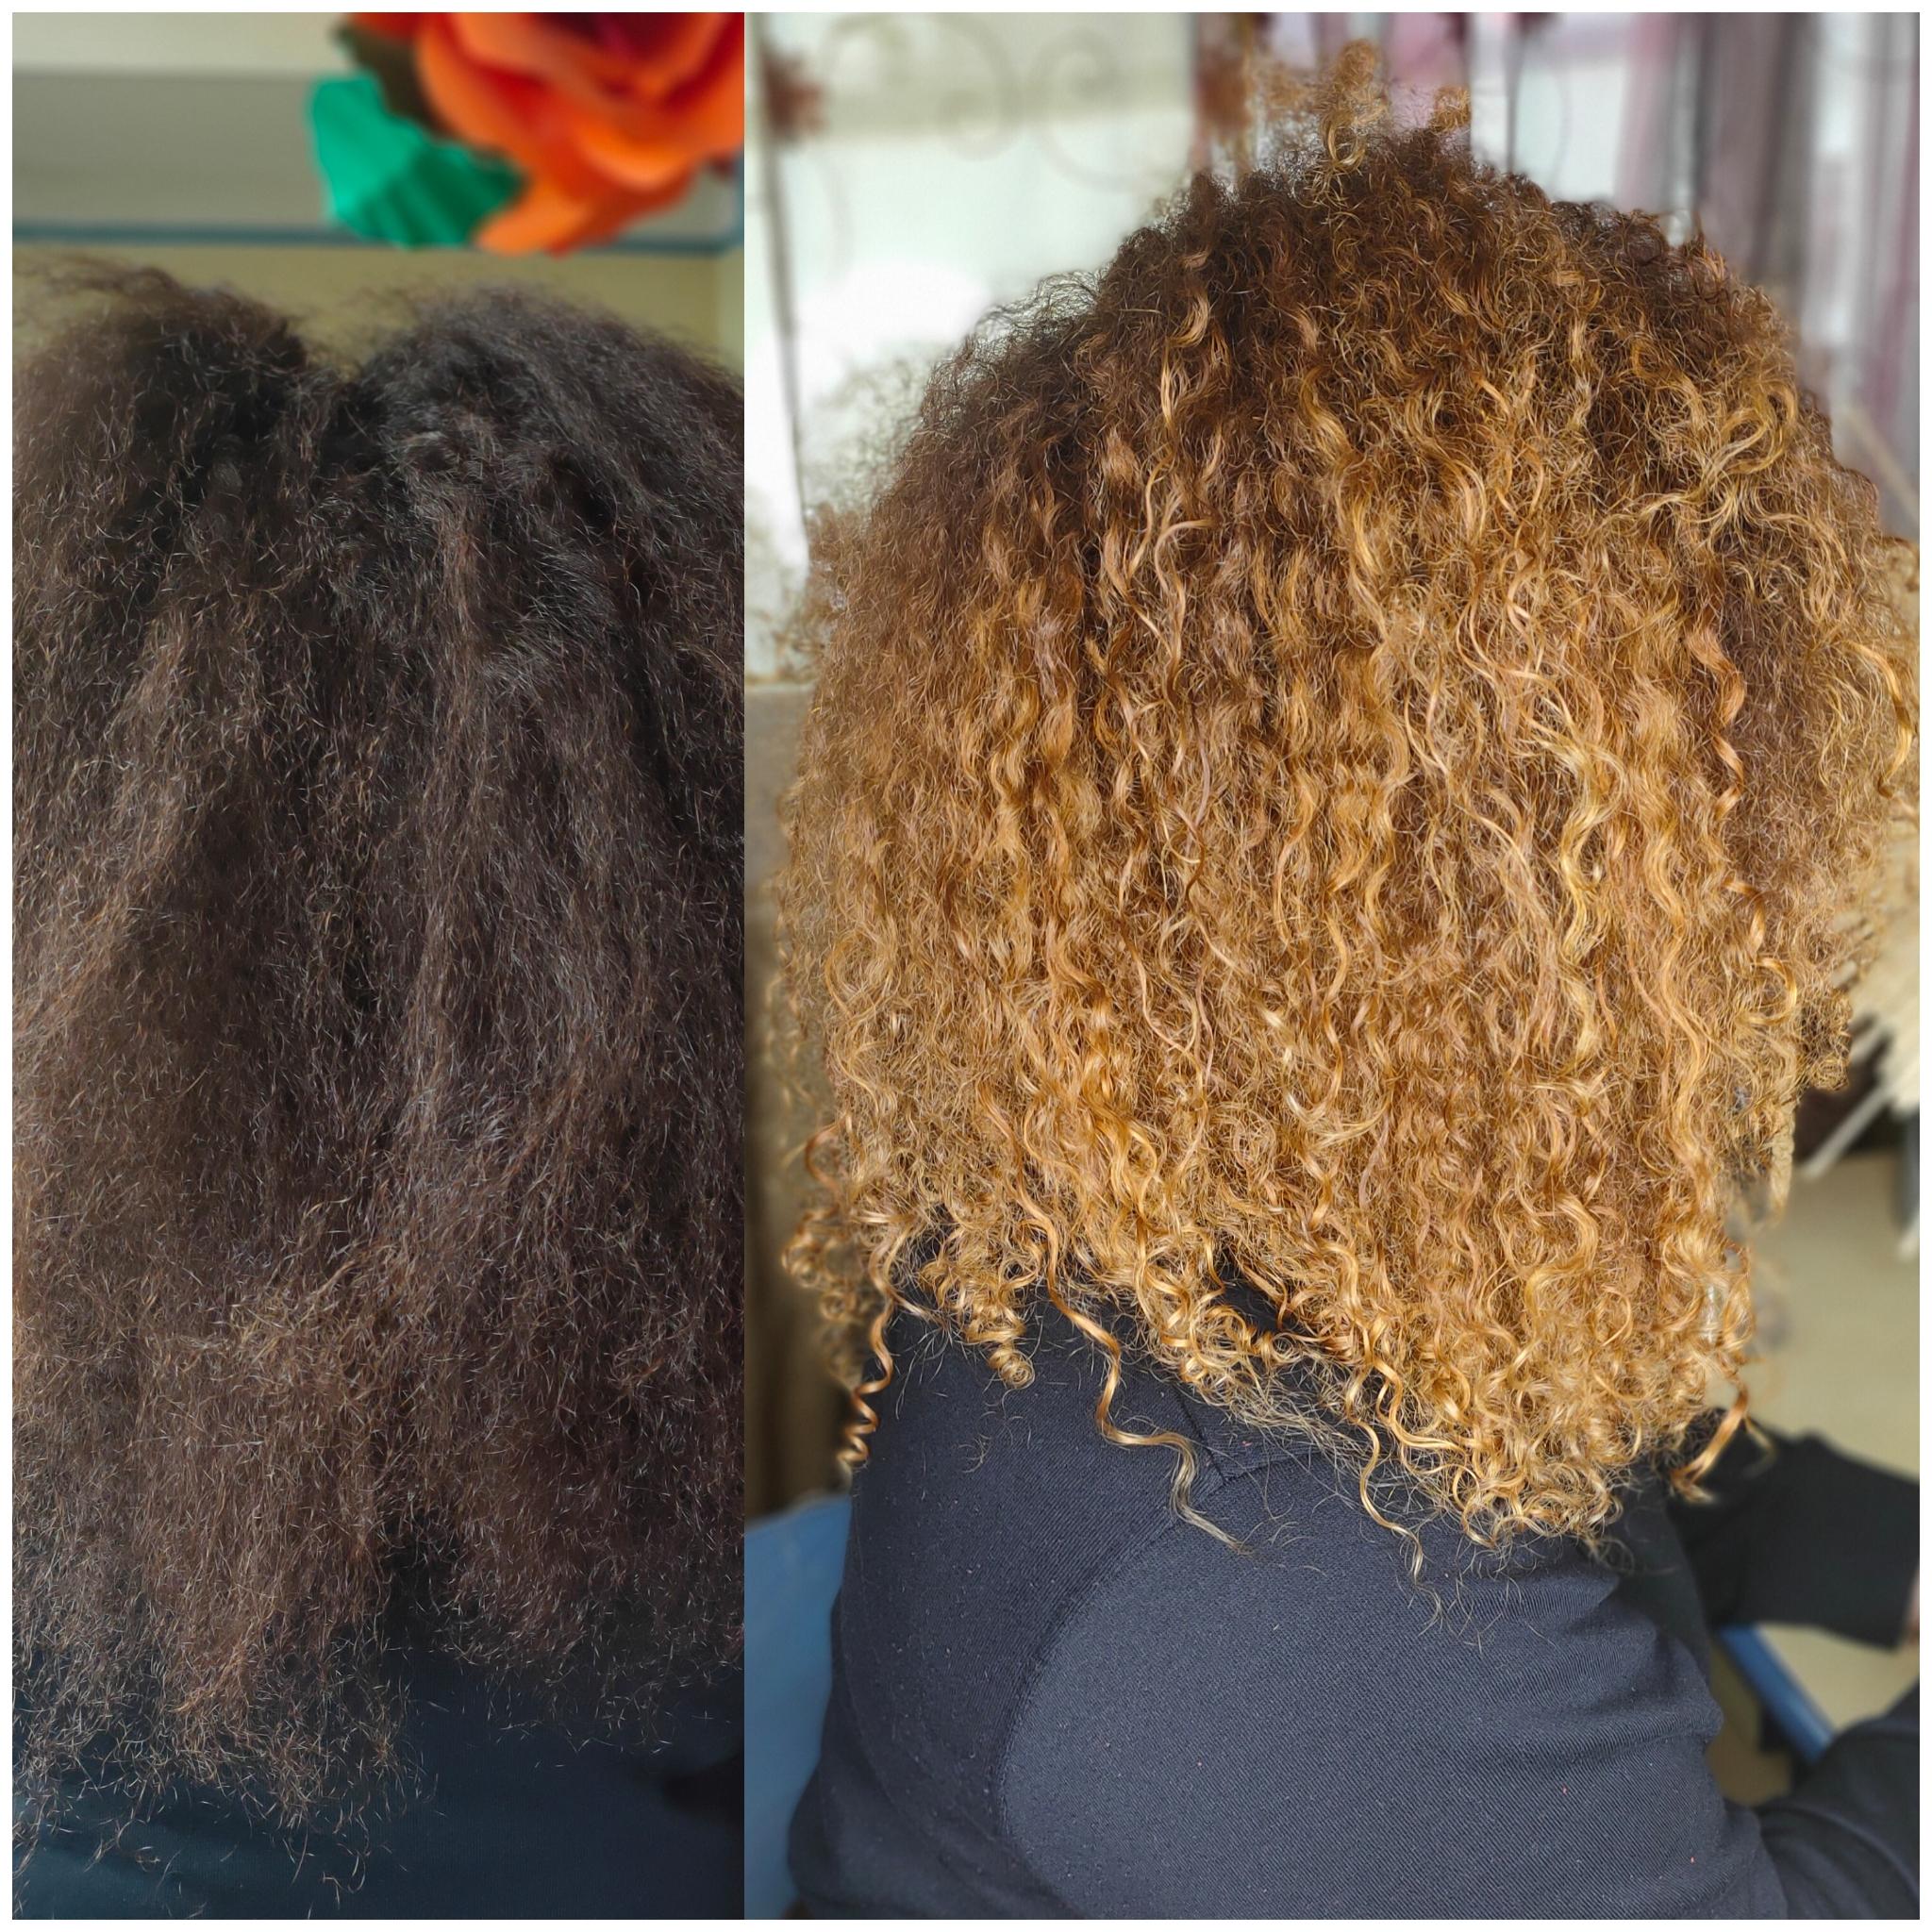 salon de coiffure afro tresse tresses box braids crochet braids vanilles tissages paris 75 77 78 91 92 93 94 95 QMVFAHVB